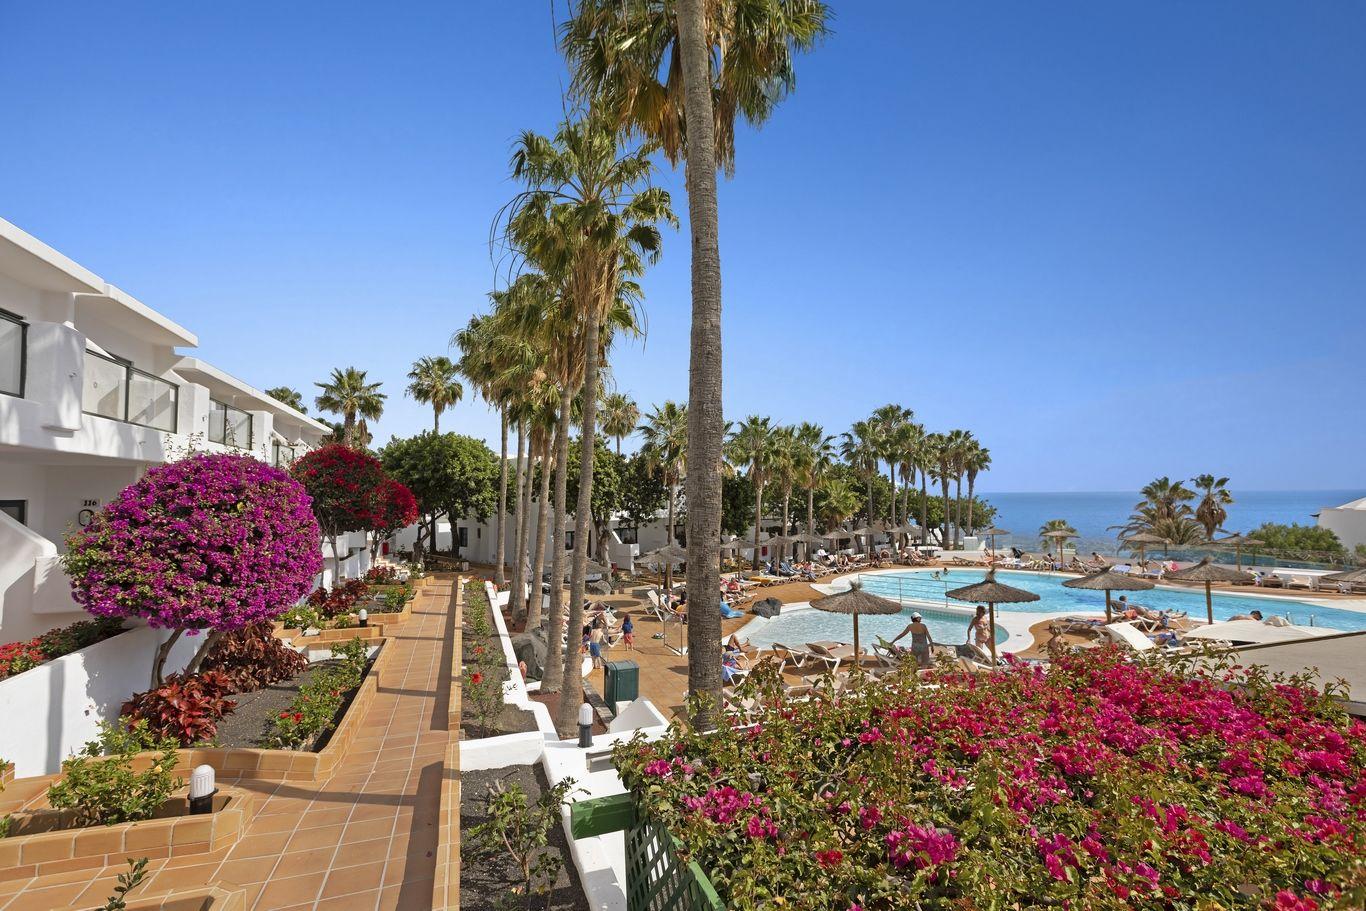 Séjour Lanzarote - APPART HOTEL THB FLORA 3*(NL) - Location de voiture incluse